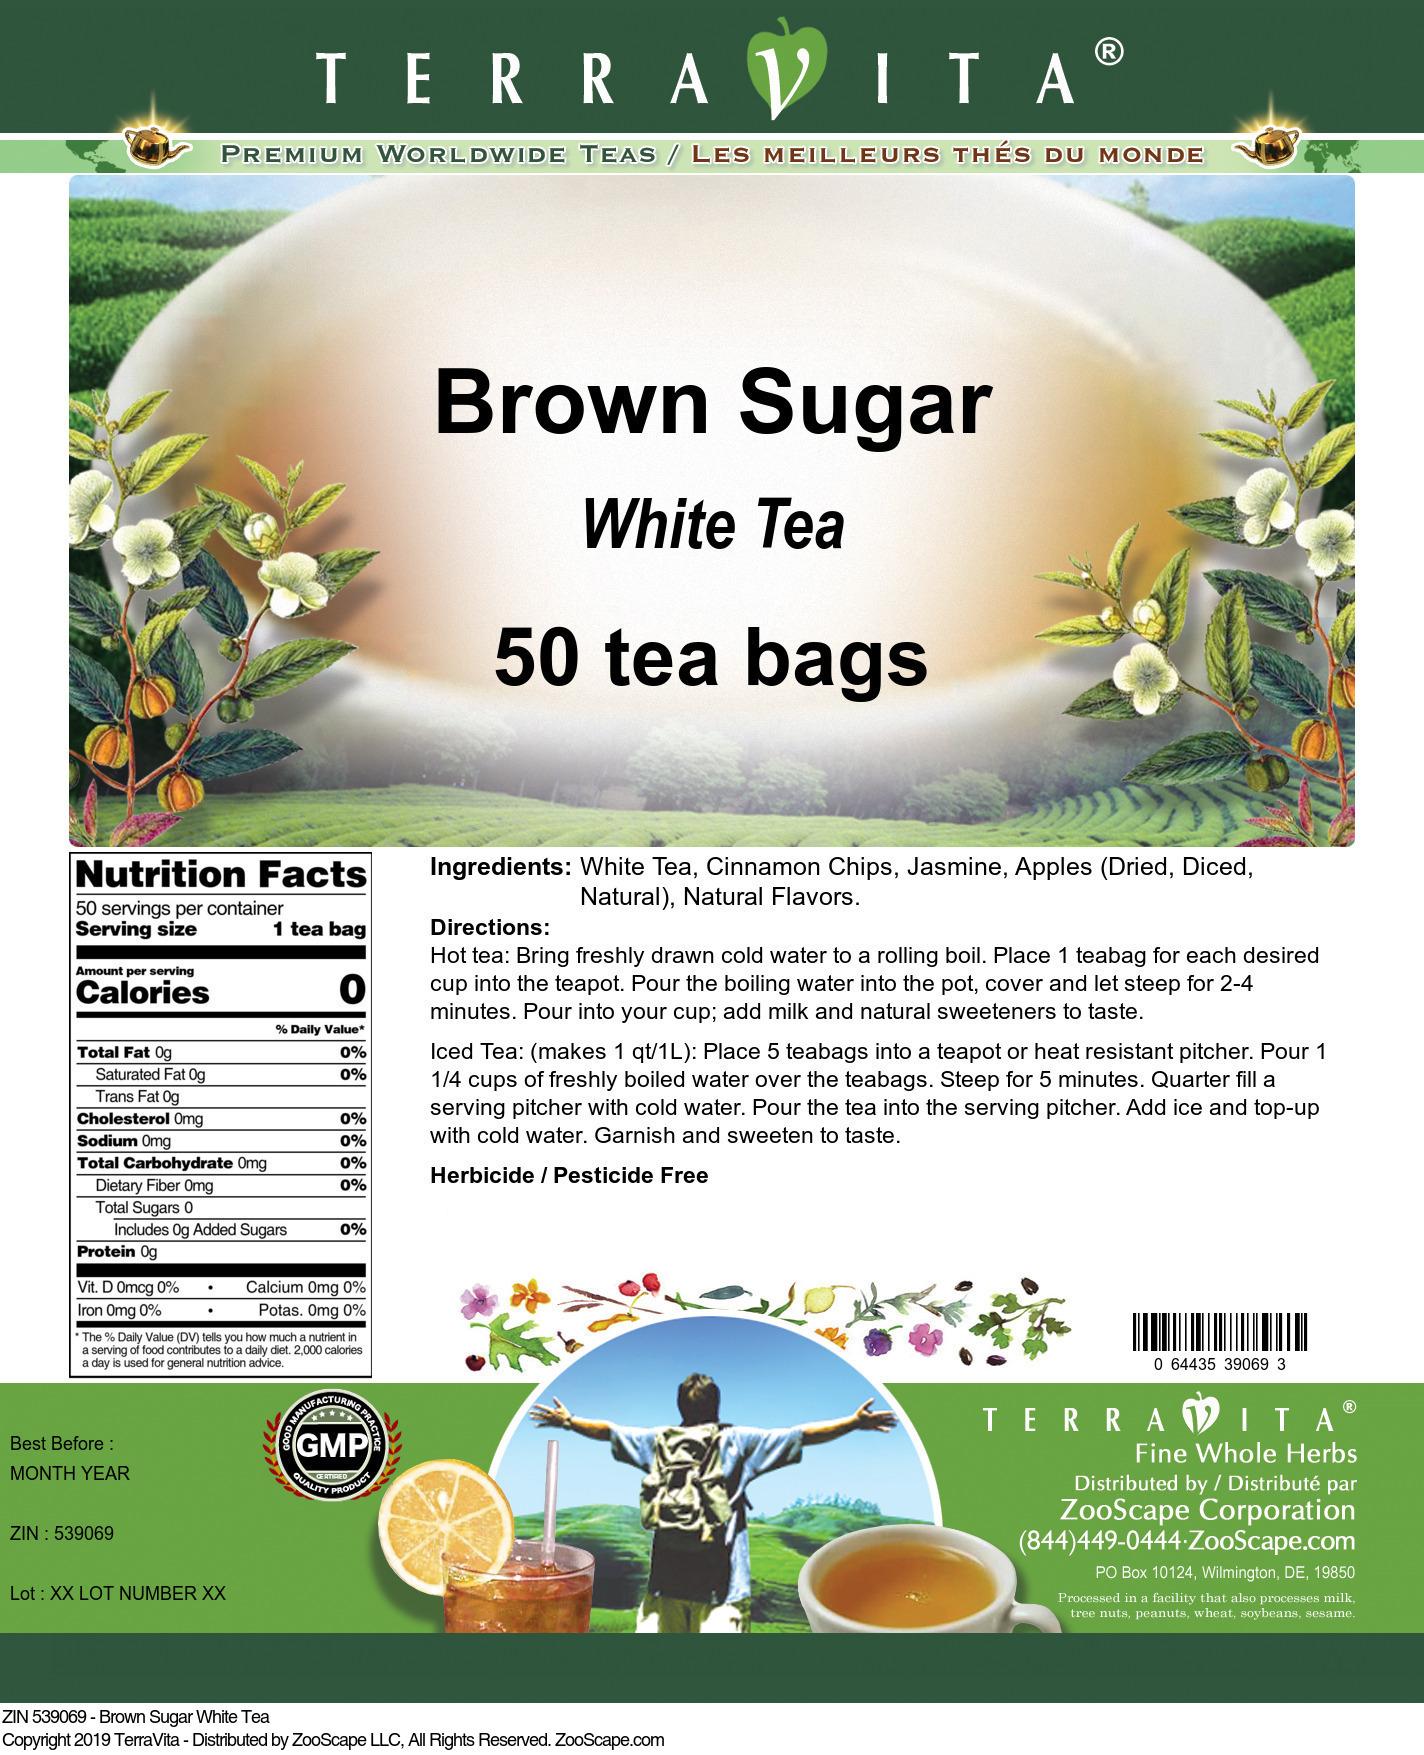 Brown Sugar White Tea